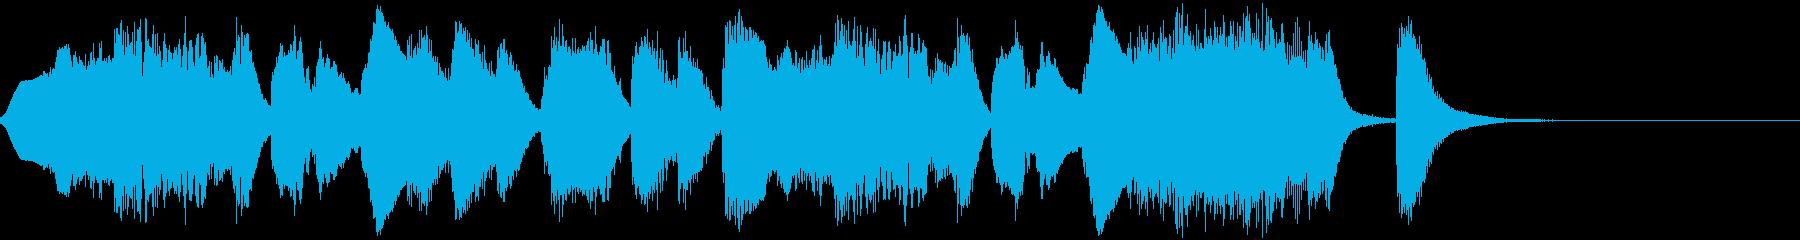 フルートによるコミカルなジングルの再生済みの波形